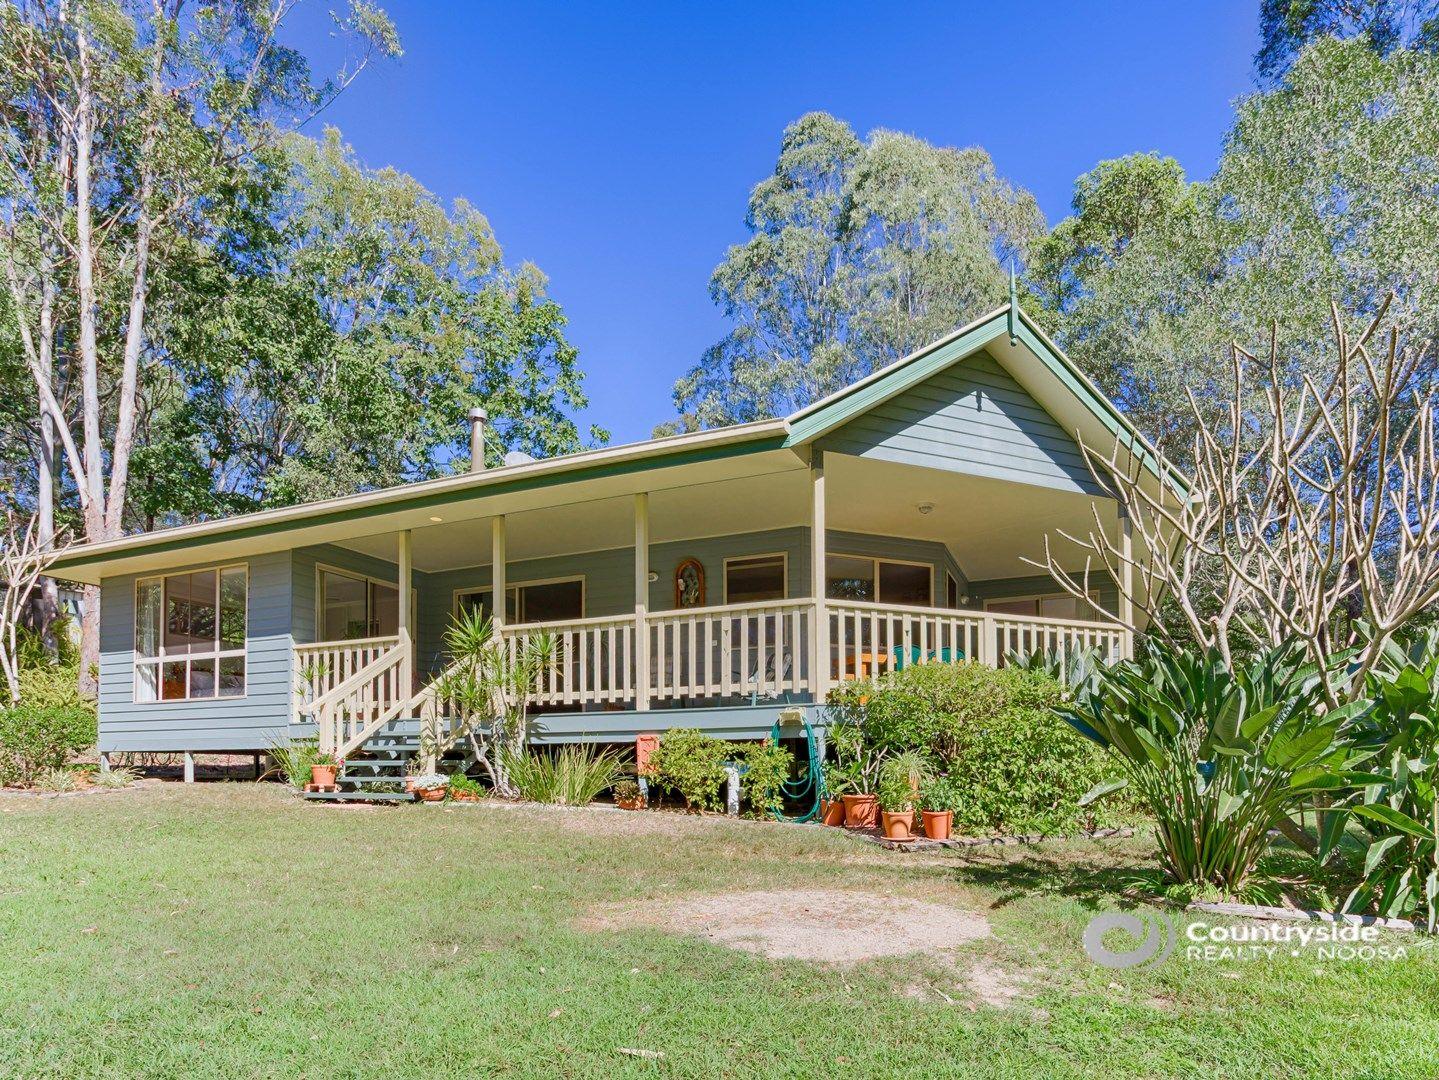 184 Gumboil Road, Tinbeerwah QLD 4563, Image 1